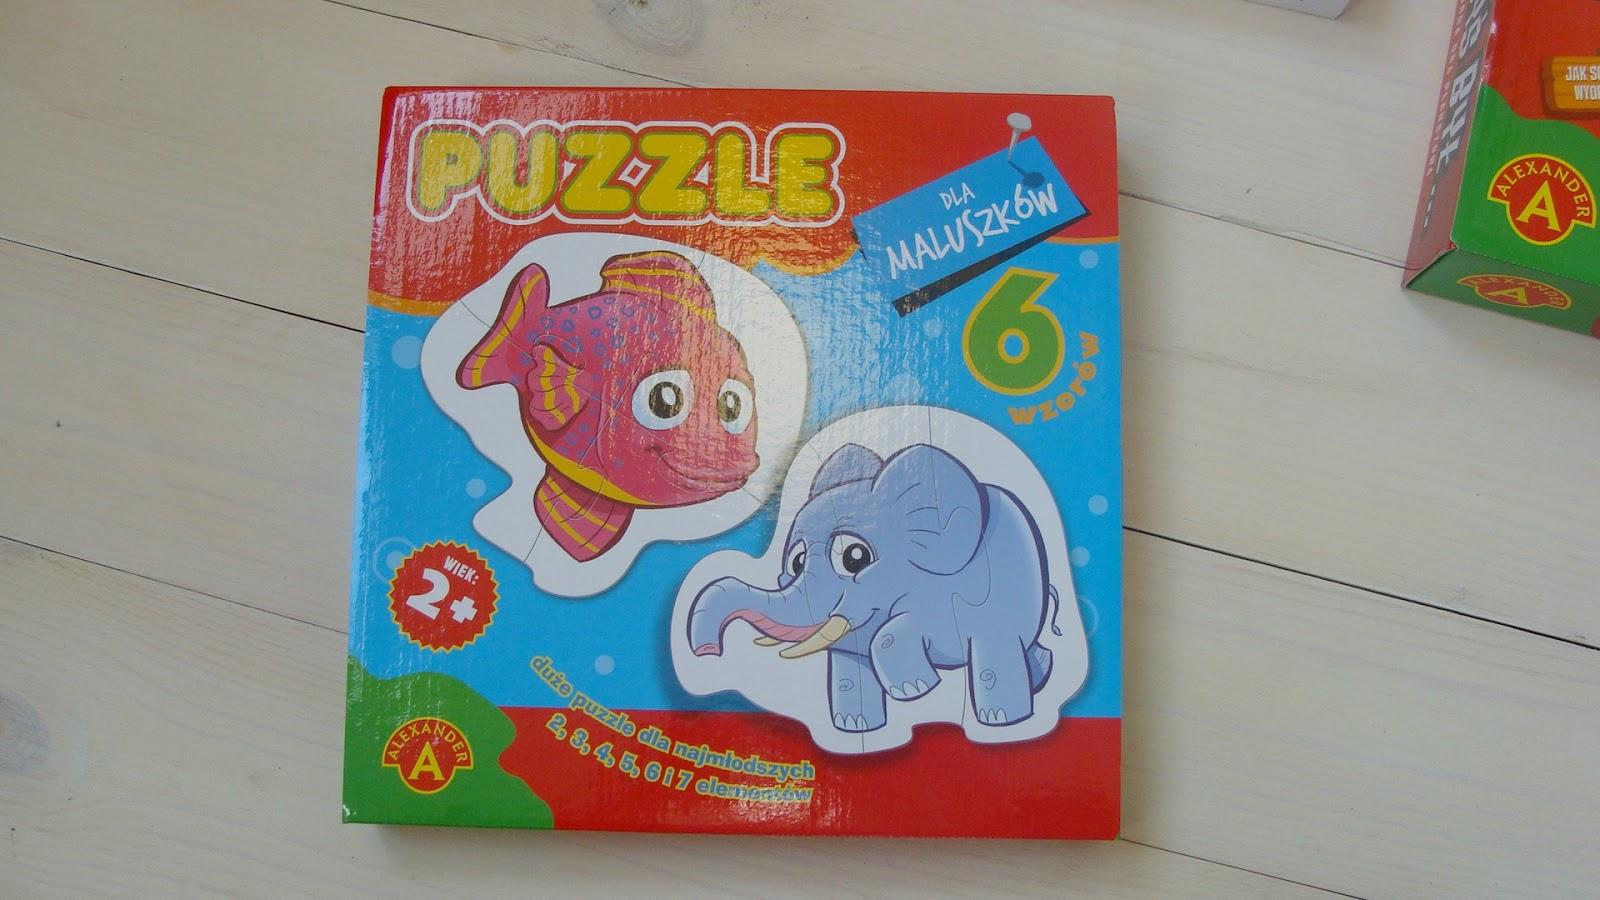 Gry dla całej rodziny, Alexander Toys, Puzzle, Gdybyś był, Powiem Ci co widzę